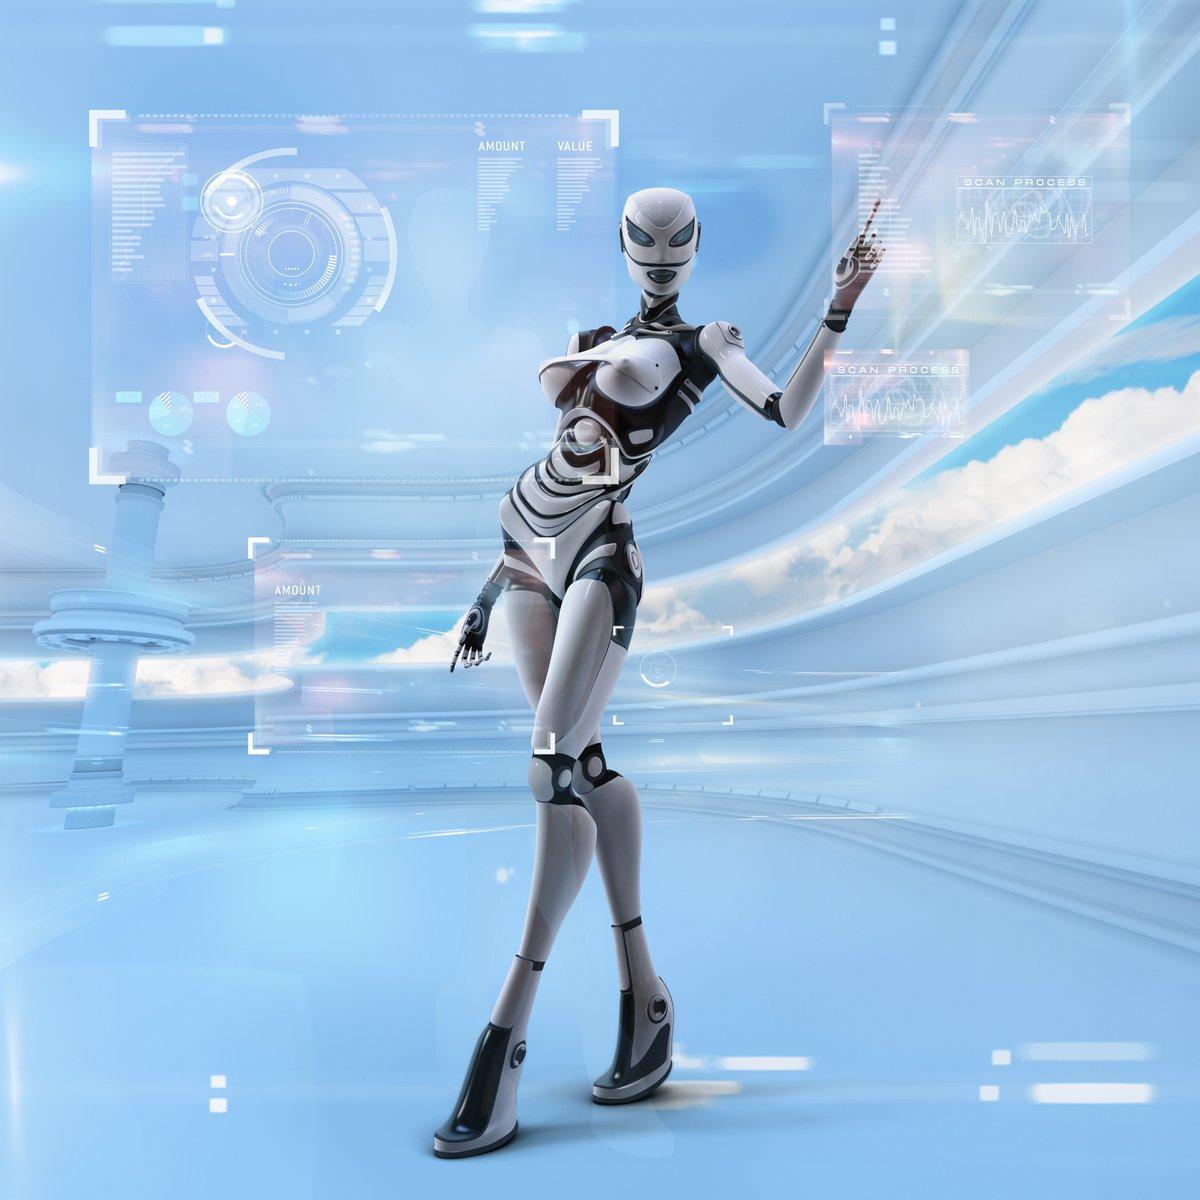 robots ar bināro opciju signāliem binārās opcijas tnkorswm platformā